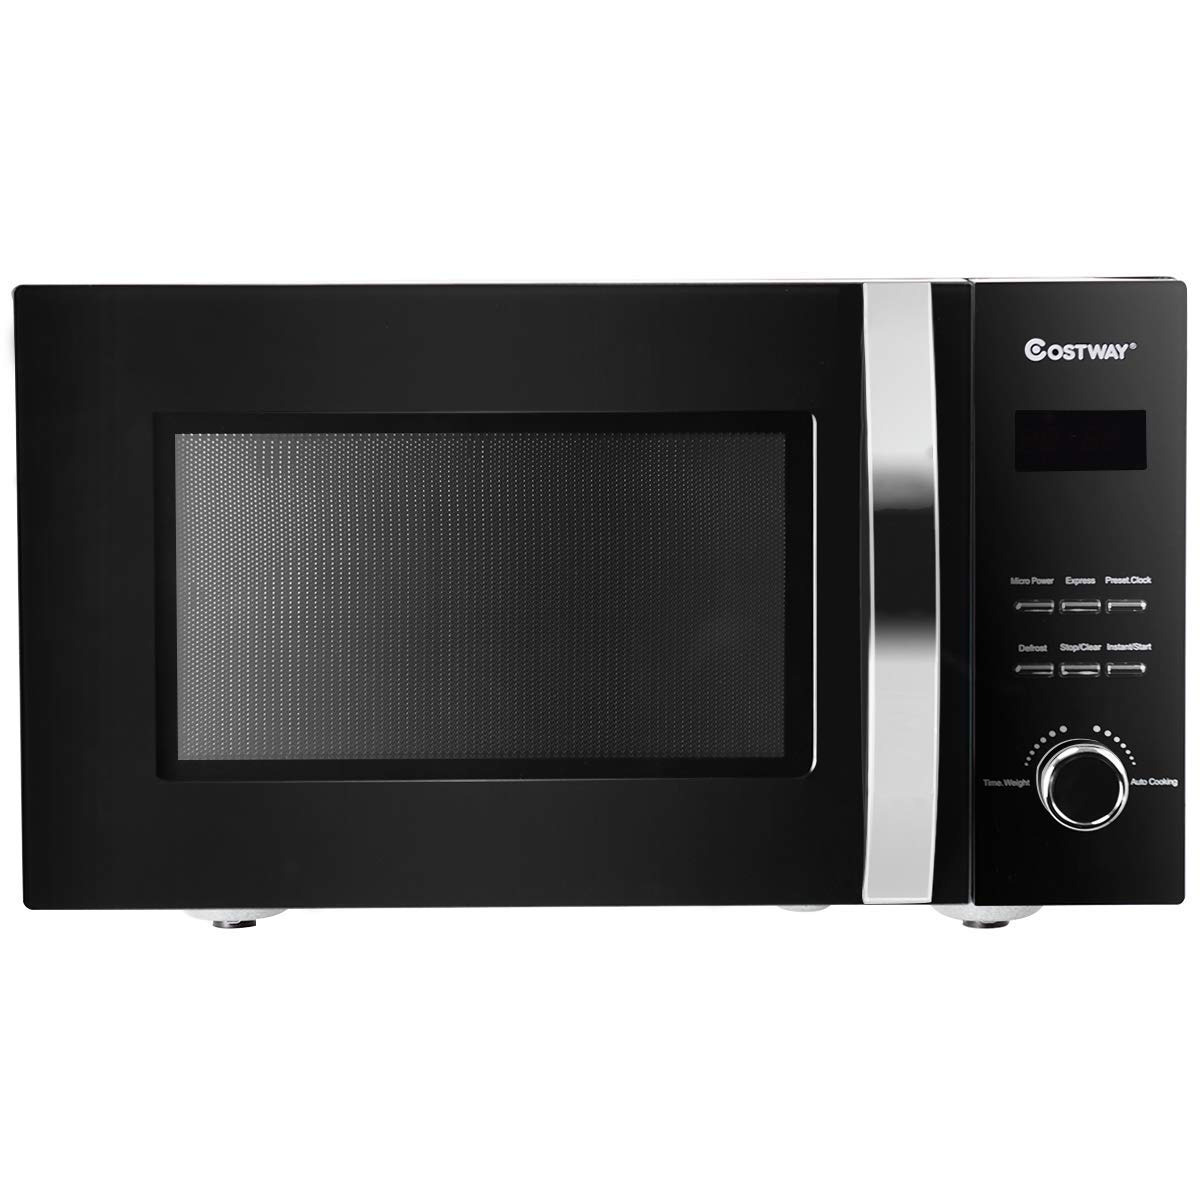 COSTWAY Forno a microonde microonde con grill 23L, 800W e 5 livelli di potenza, nero